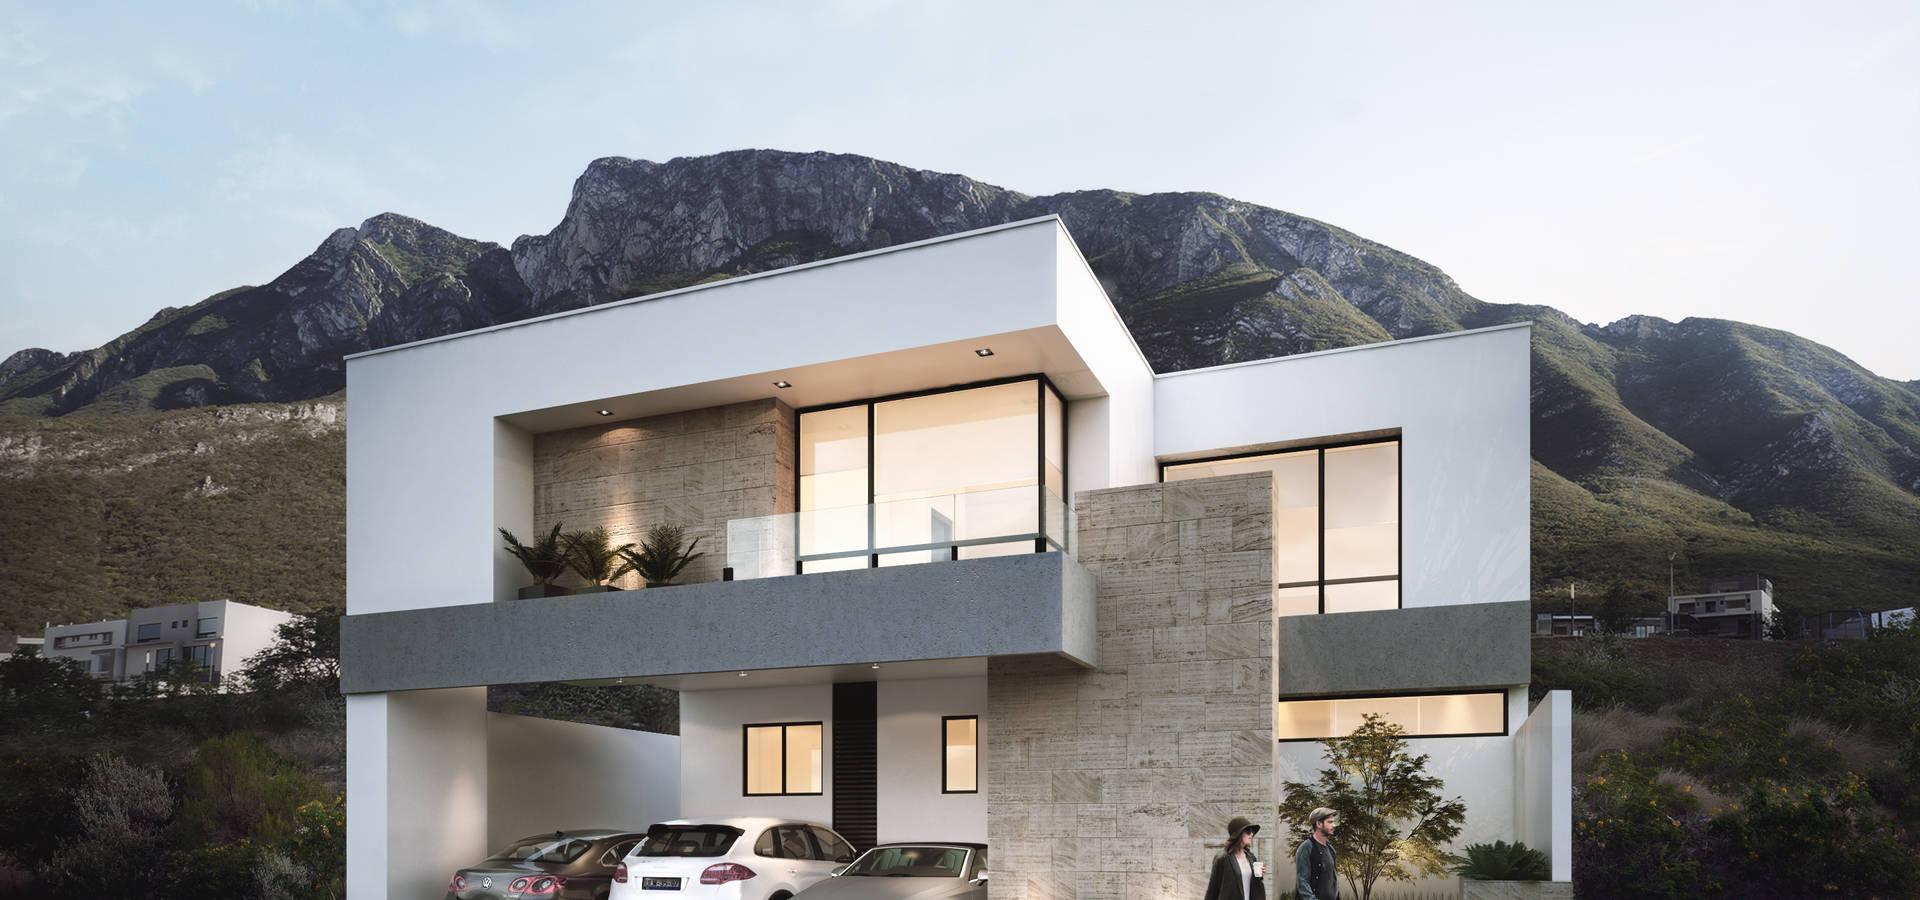 Casas residenciales valle poniente di vivalia desarrollos for Case in stile california